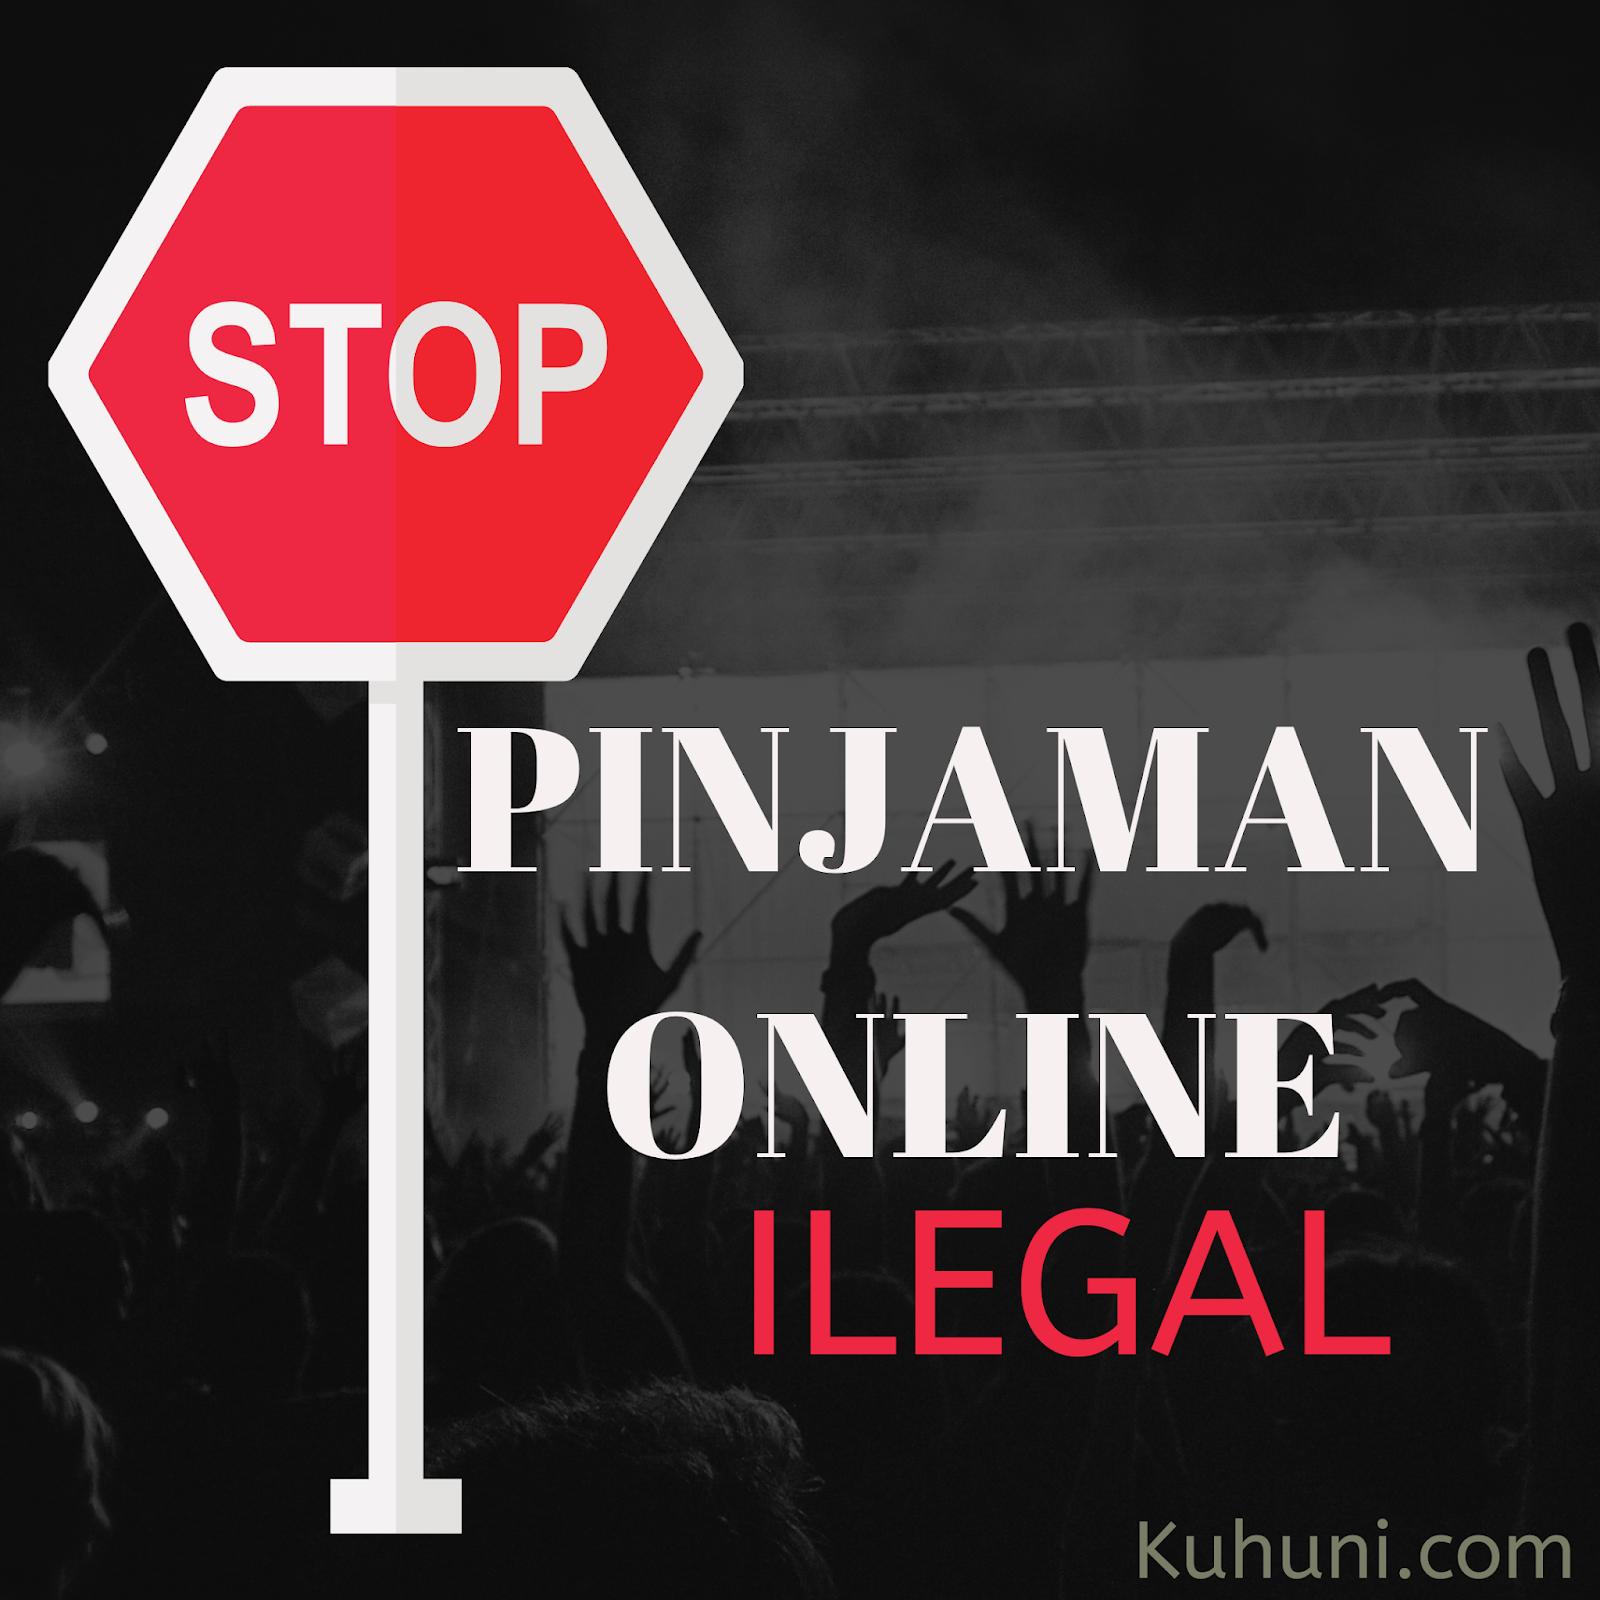 Awas Pinjaman Online Ilegal Berkedok Koperasi Kuhuni